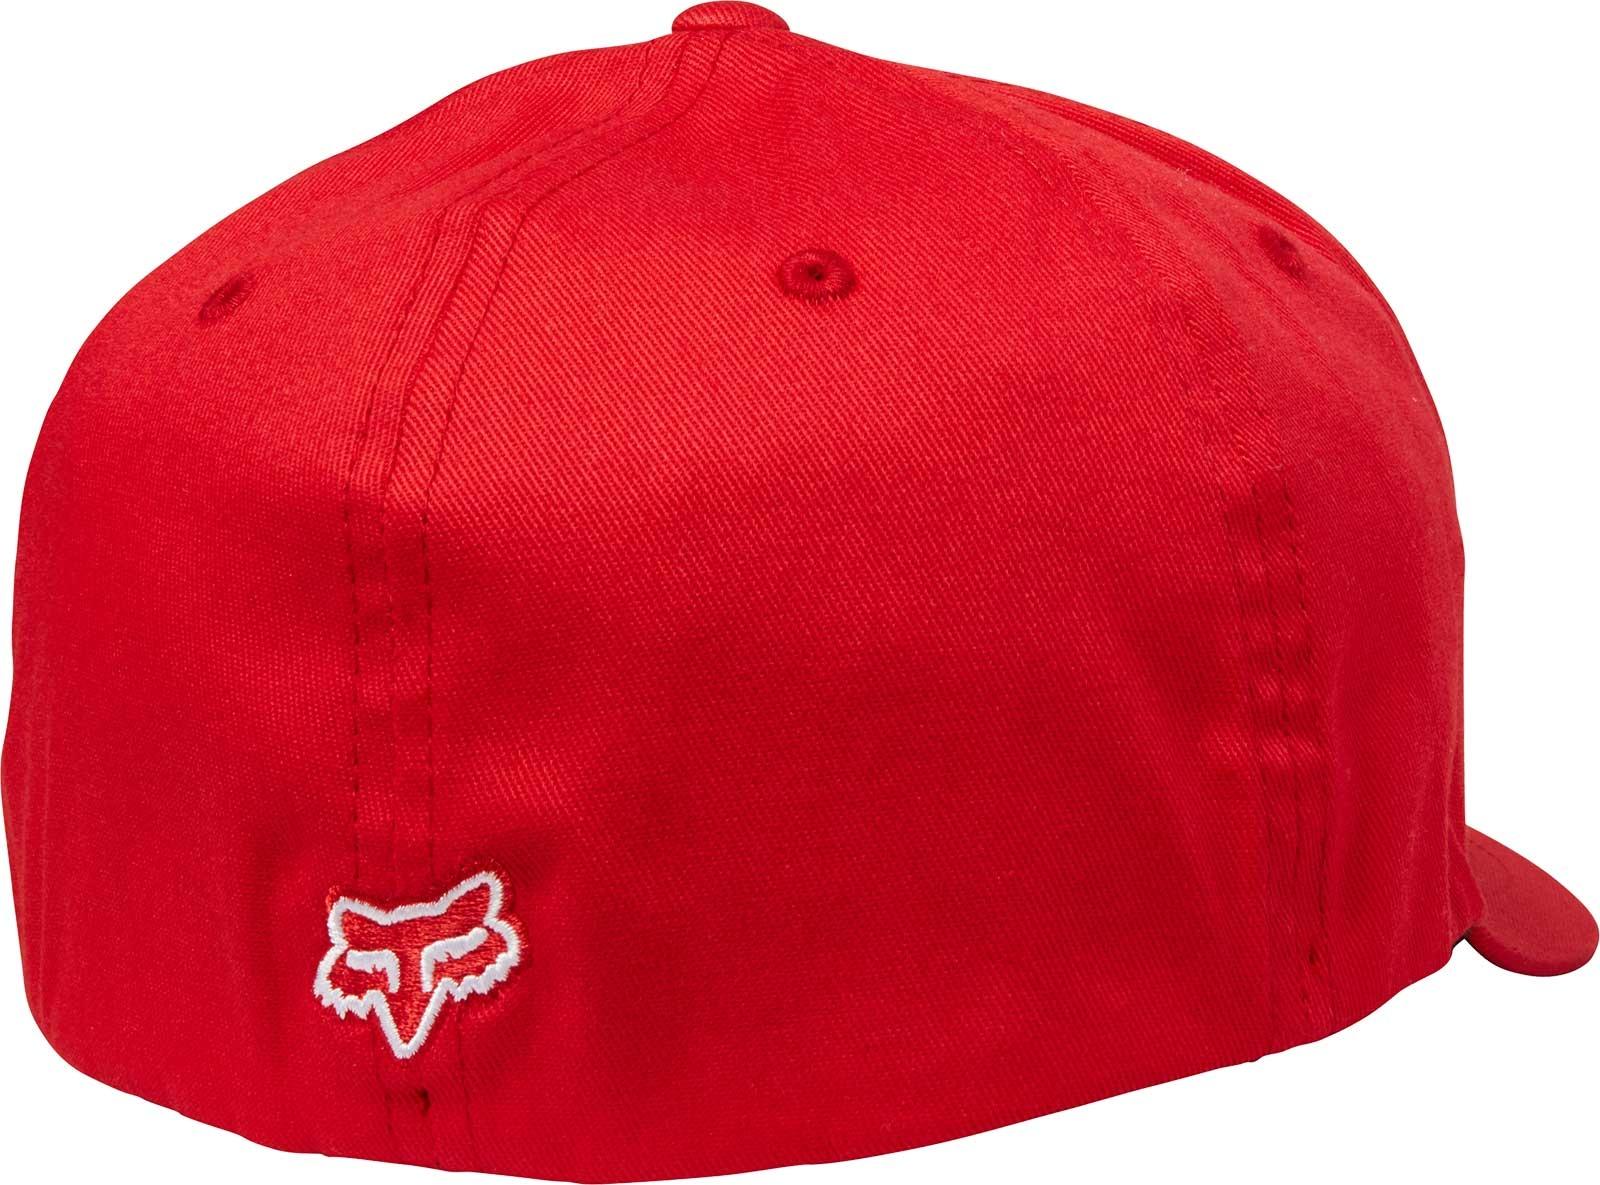 Fox-Racing-Flex-45-Flexfit-Hat-Mens-Lid-Cap thumbnail 26